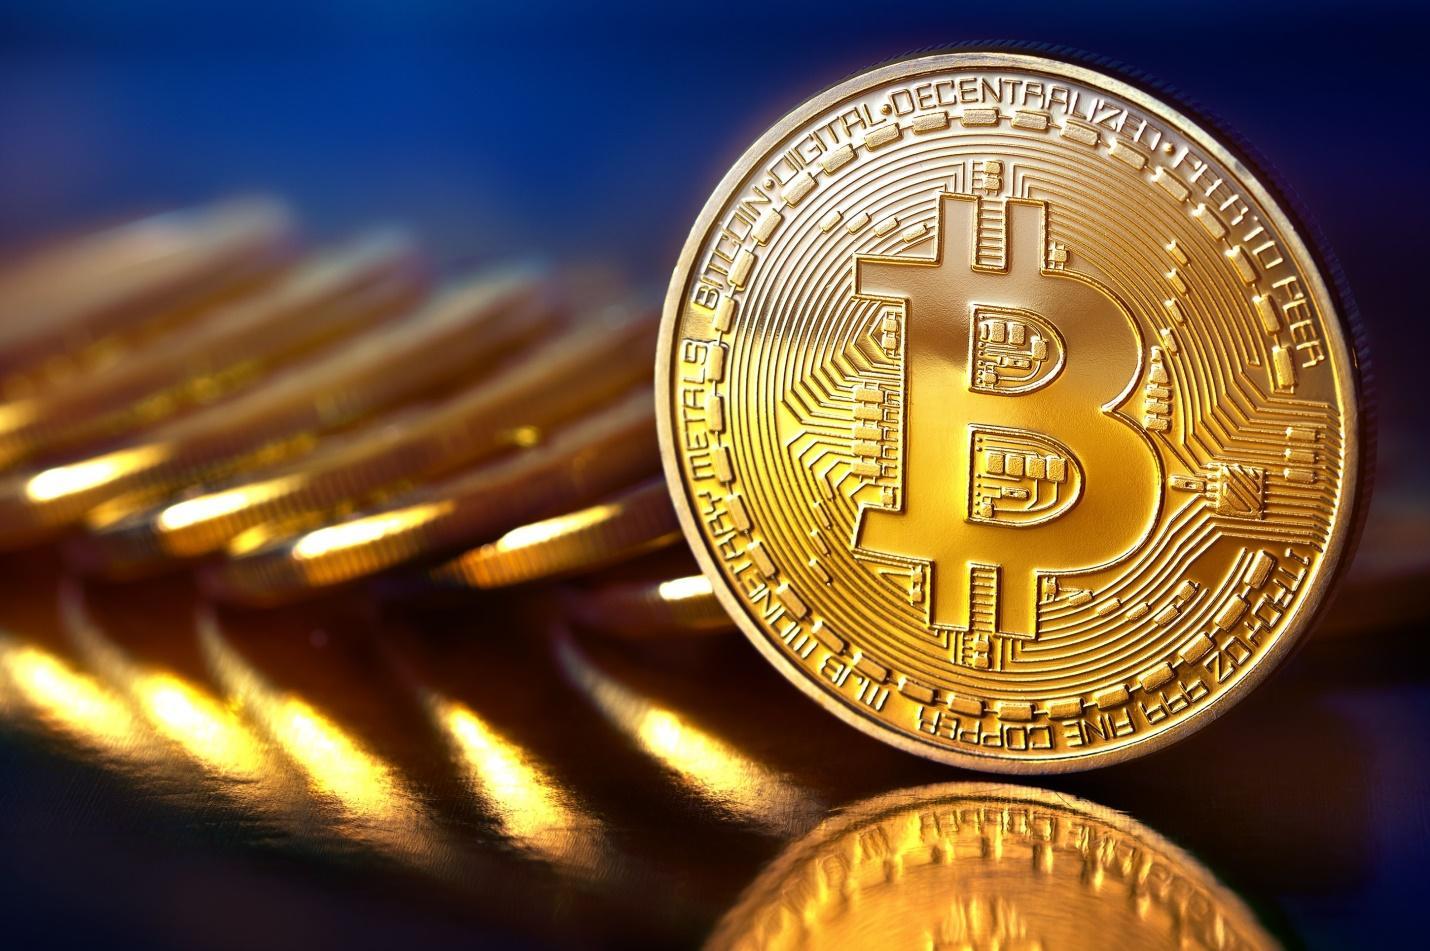 Ошибся и отправил bitcoin на bitcoin cash кошелек